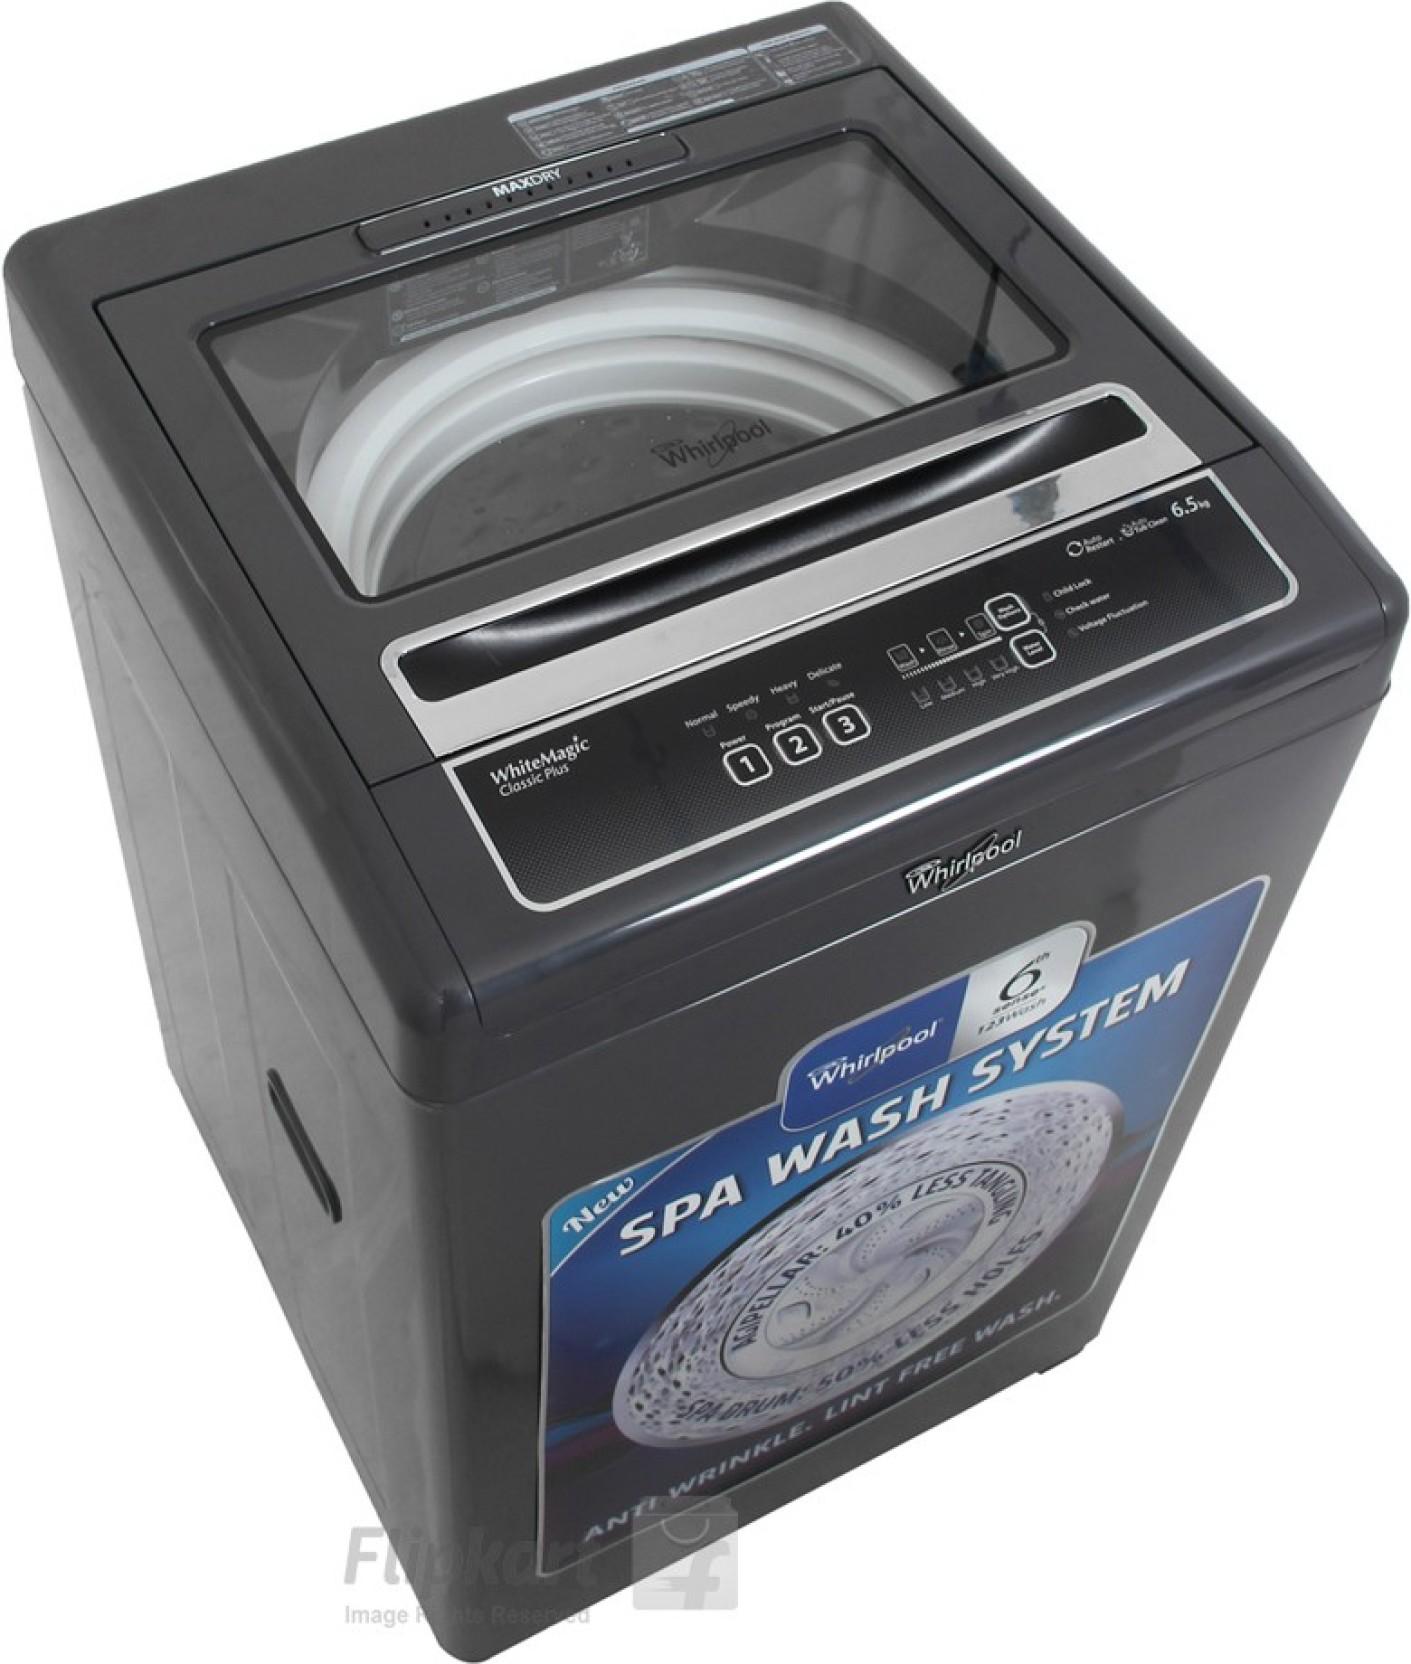 whirlpool washing machine in india